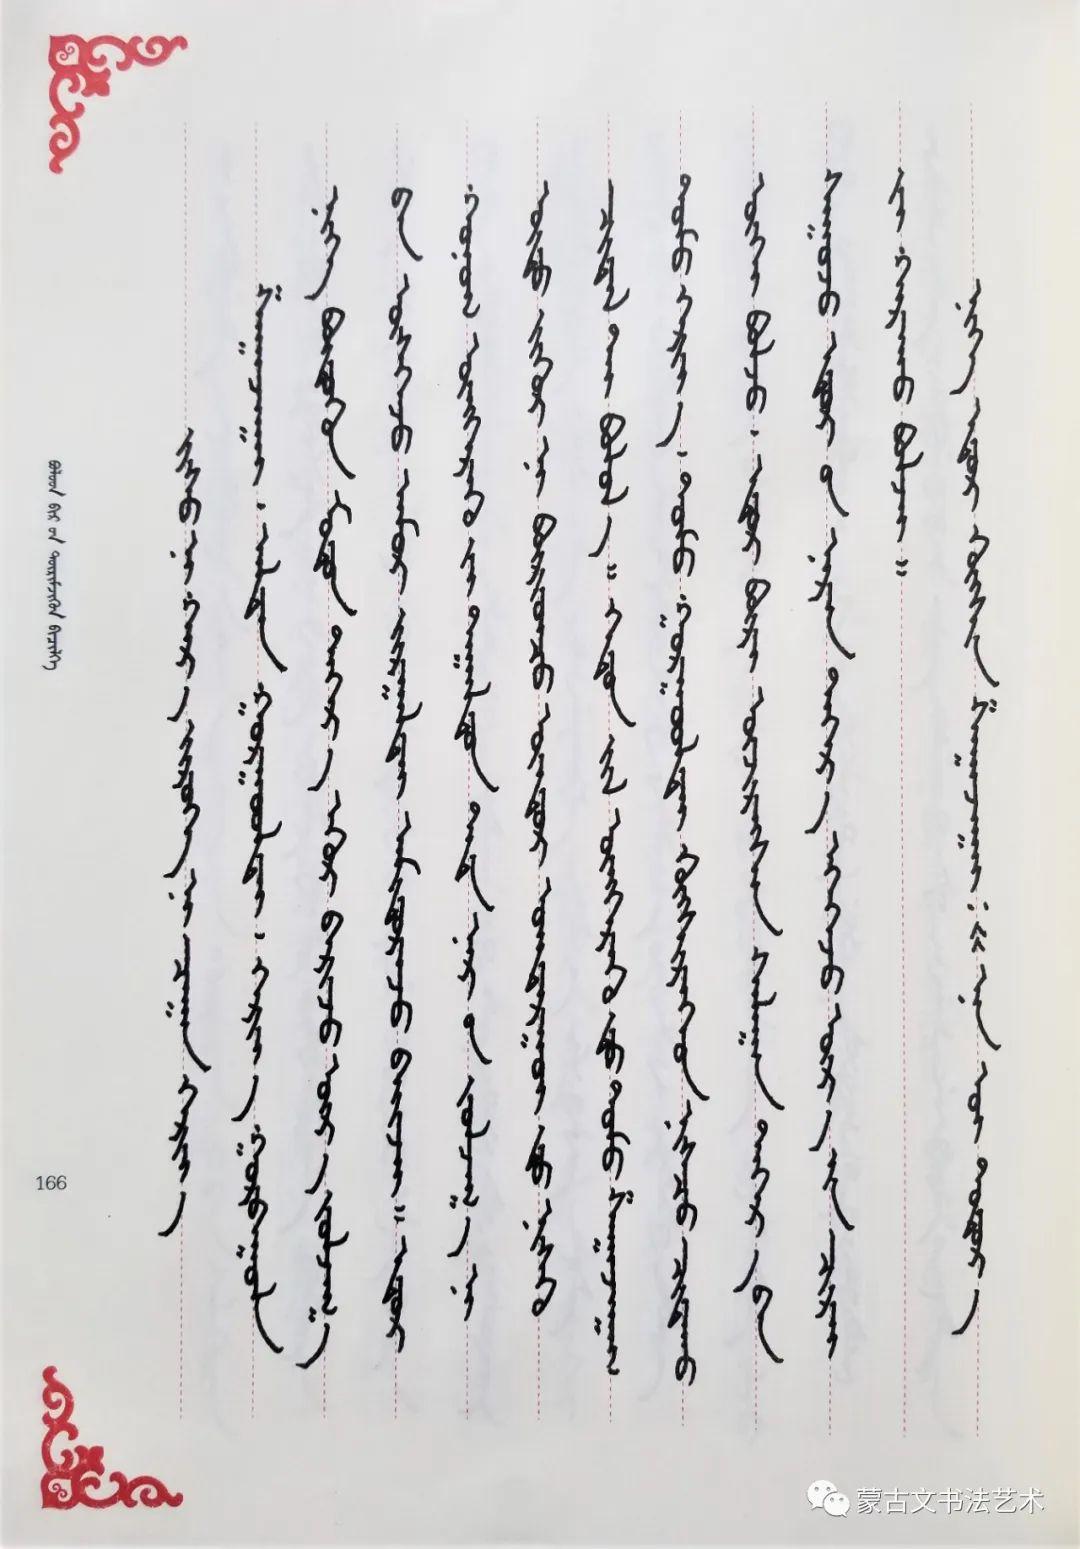 奈曼旗蒙古族实验小学十人《蒙古文钢笔规范字》 第57张 奈曼旗蒙古族实验小学十人《蒙古文钢笔规范字》 蒙古书法